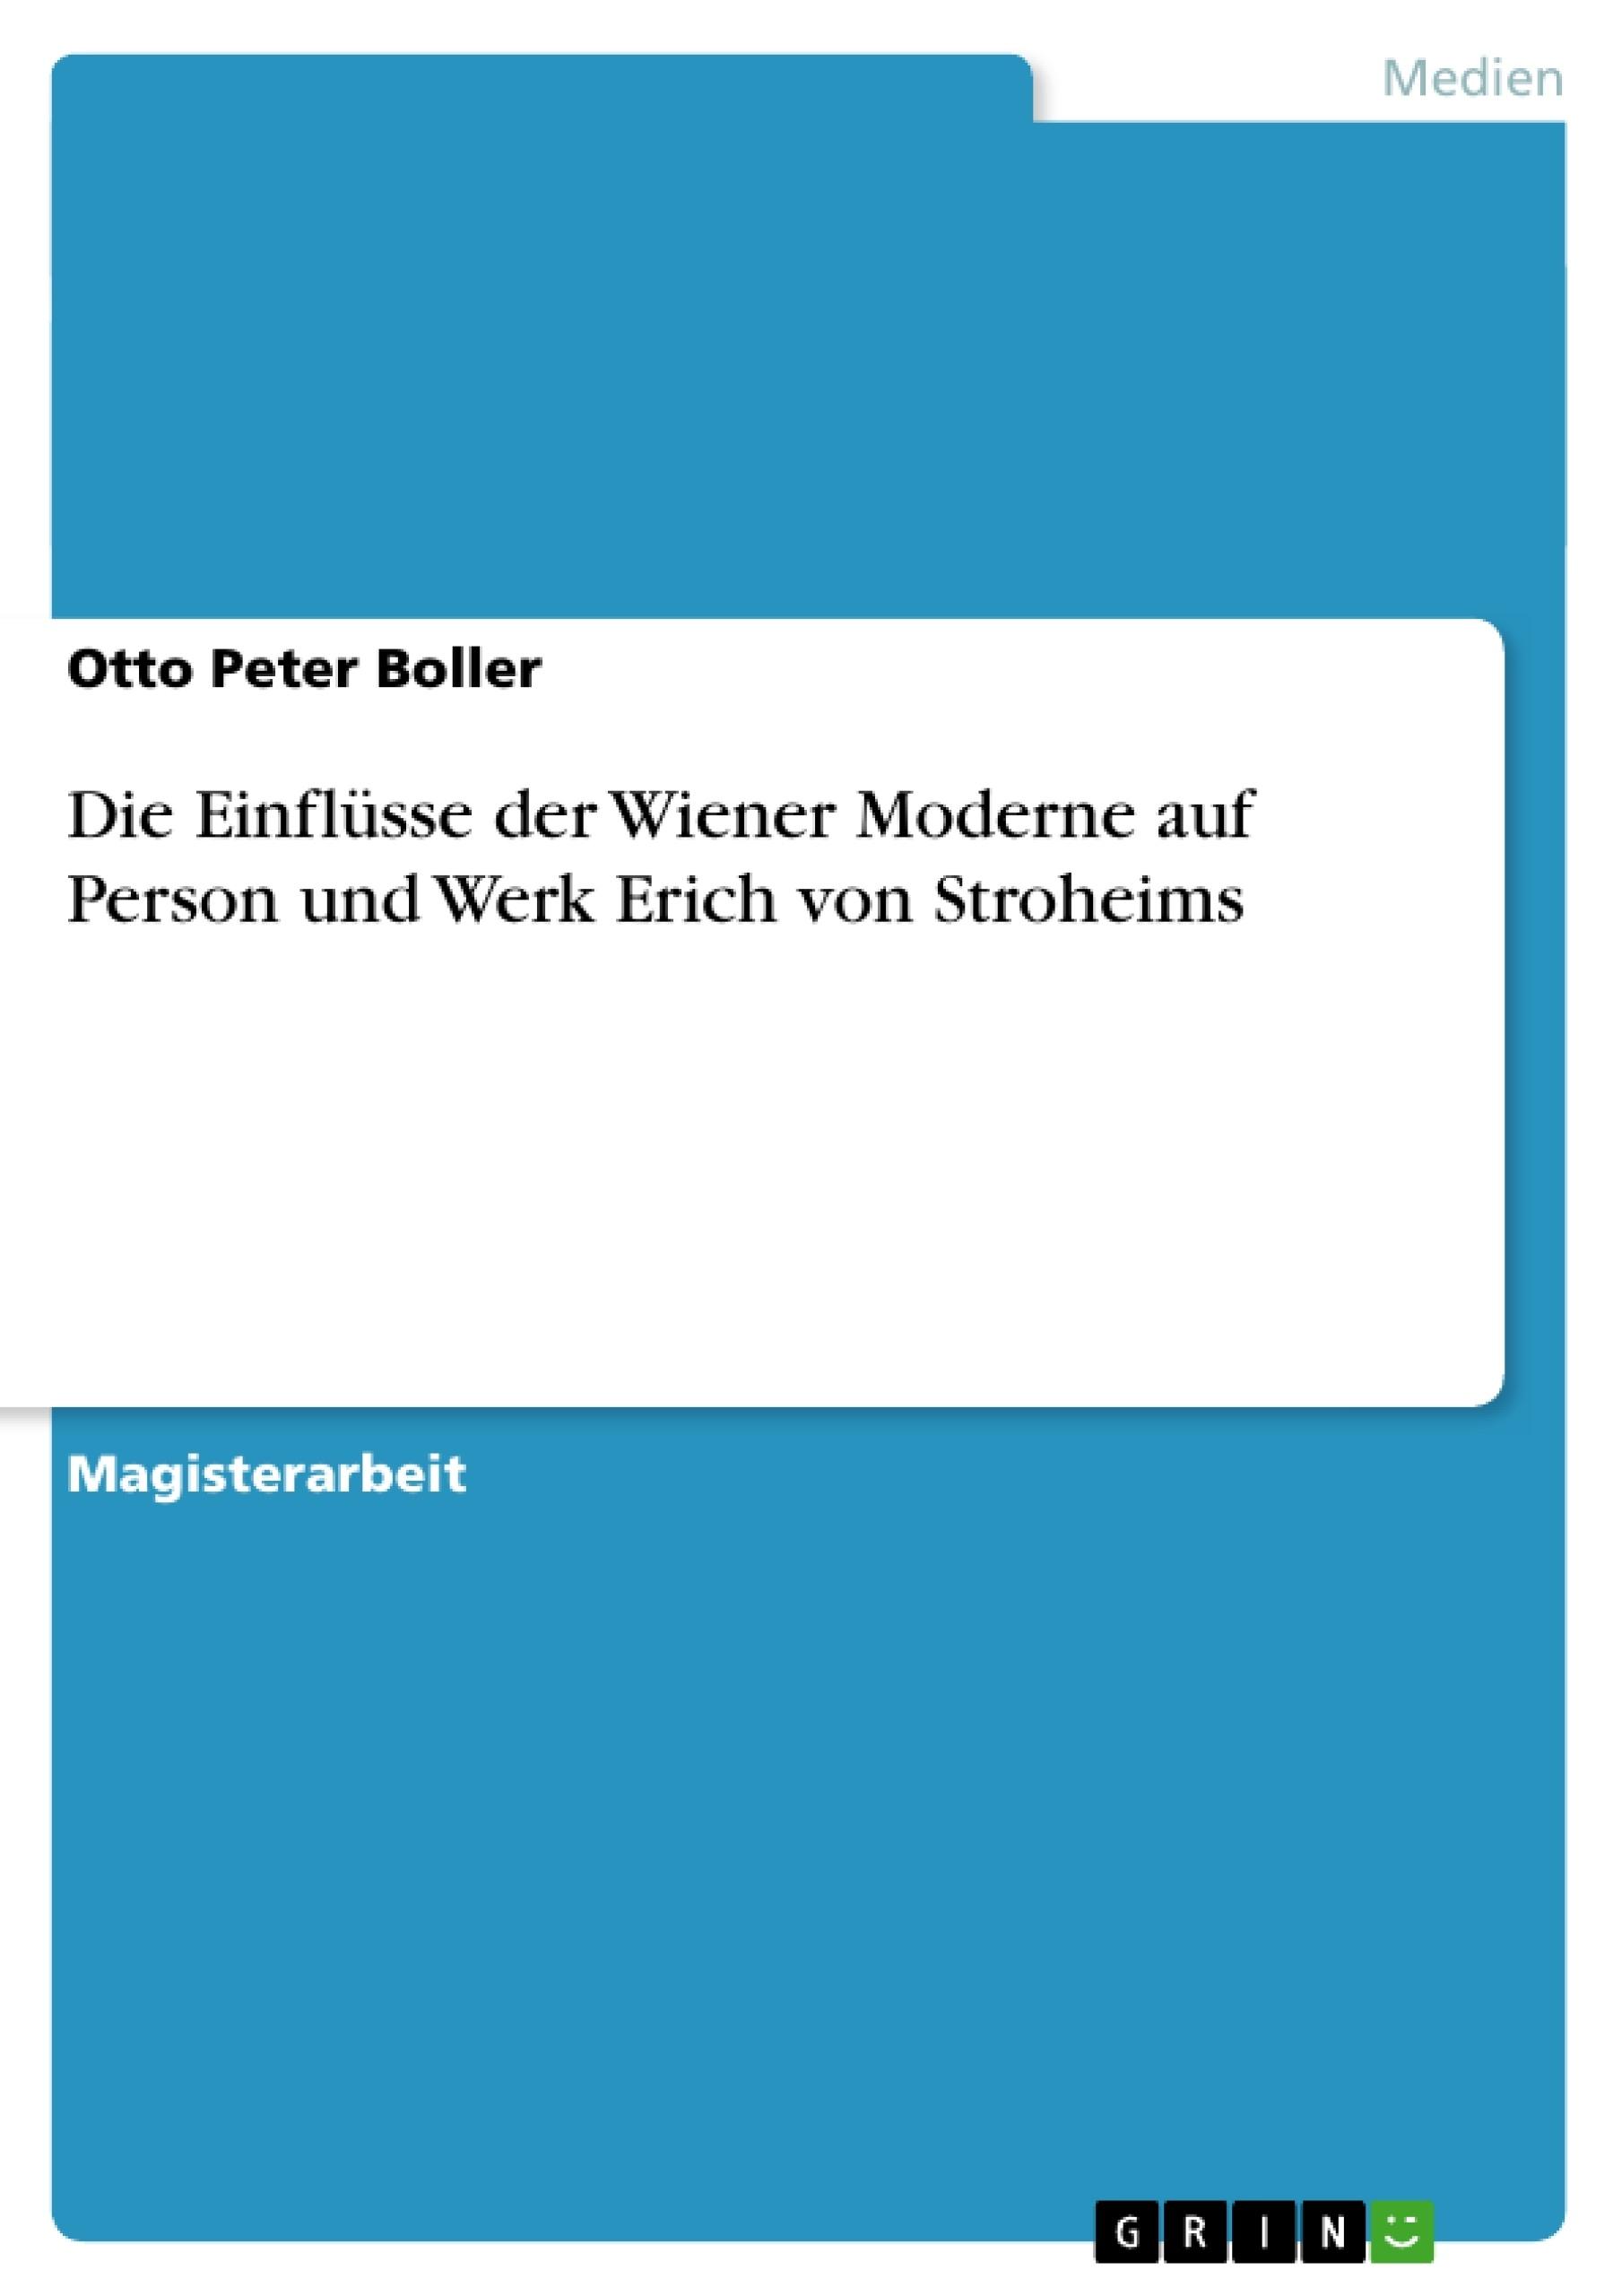 Titel: Die Einflüsse der Wiener Moderne auf Person und Werk Erich von Stroheims